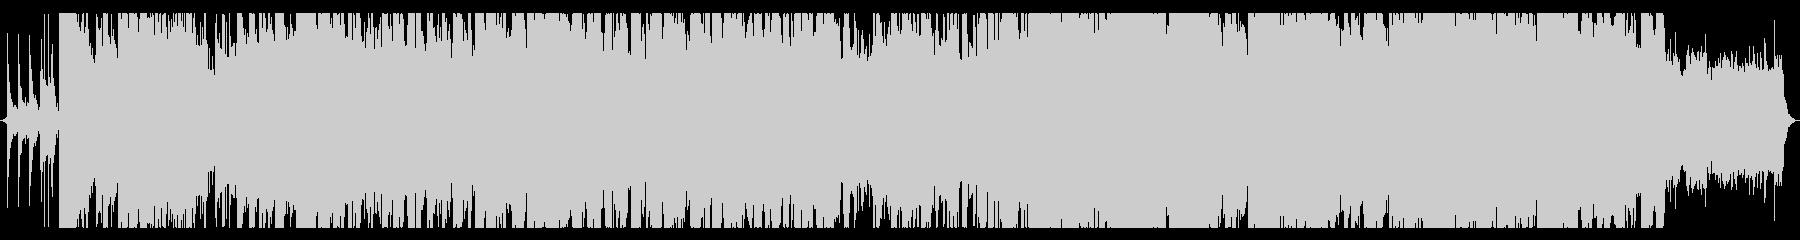 バブリーロックの未再生の波形